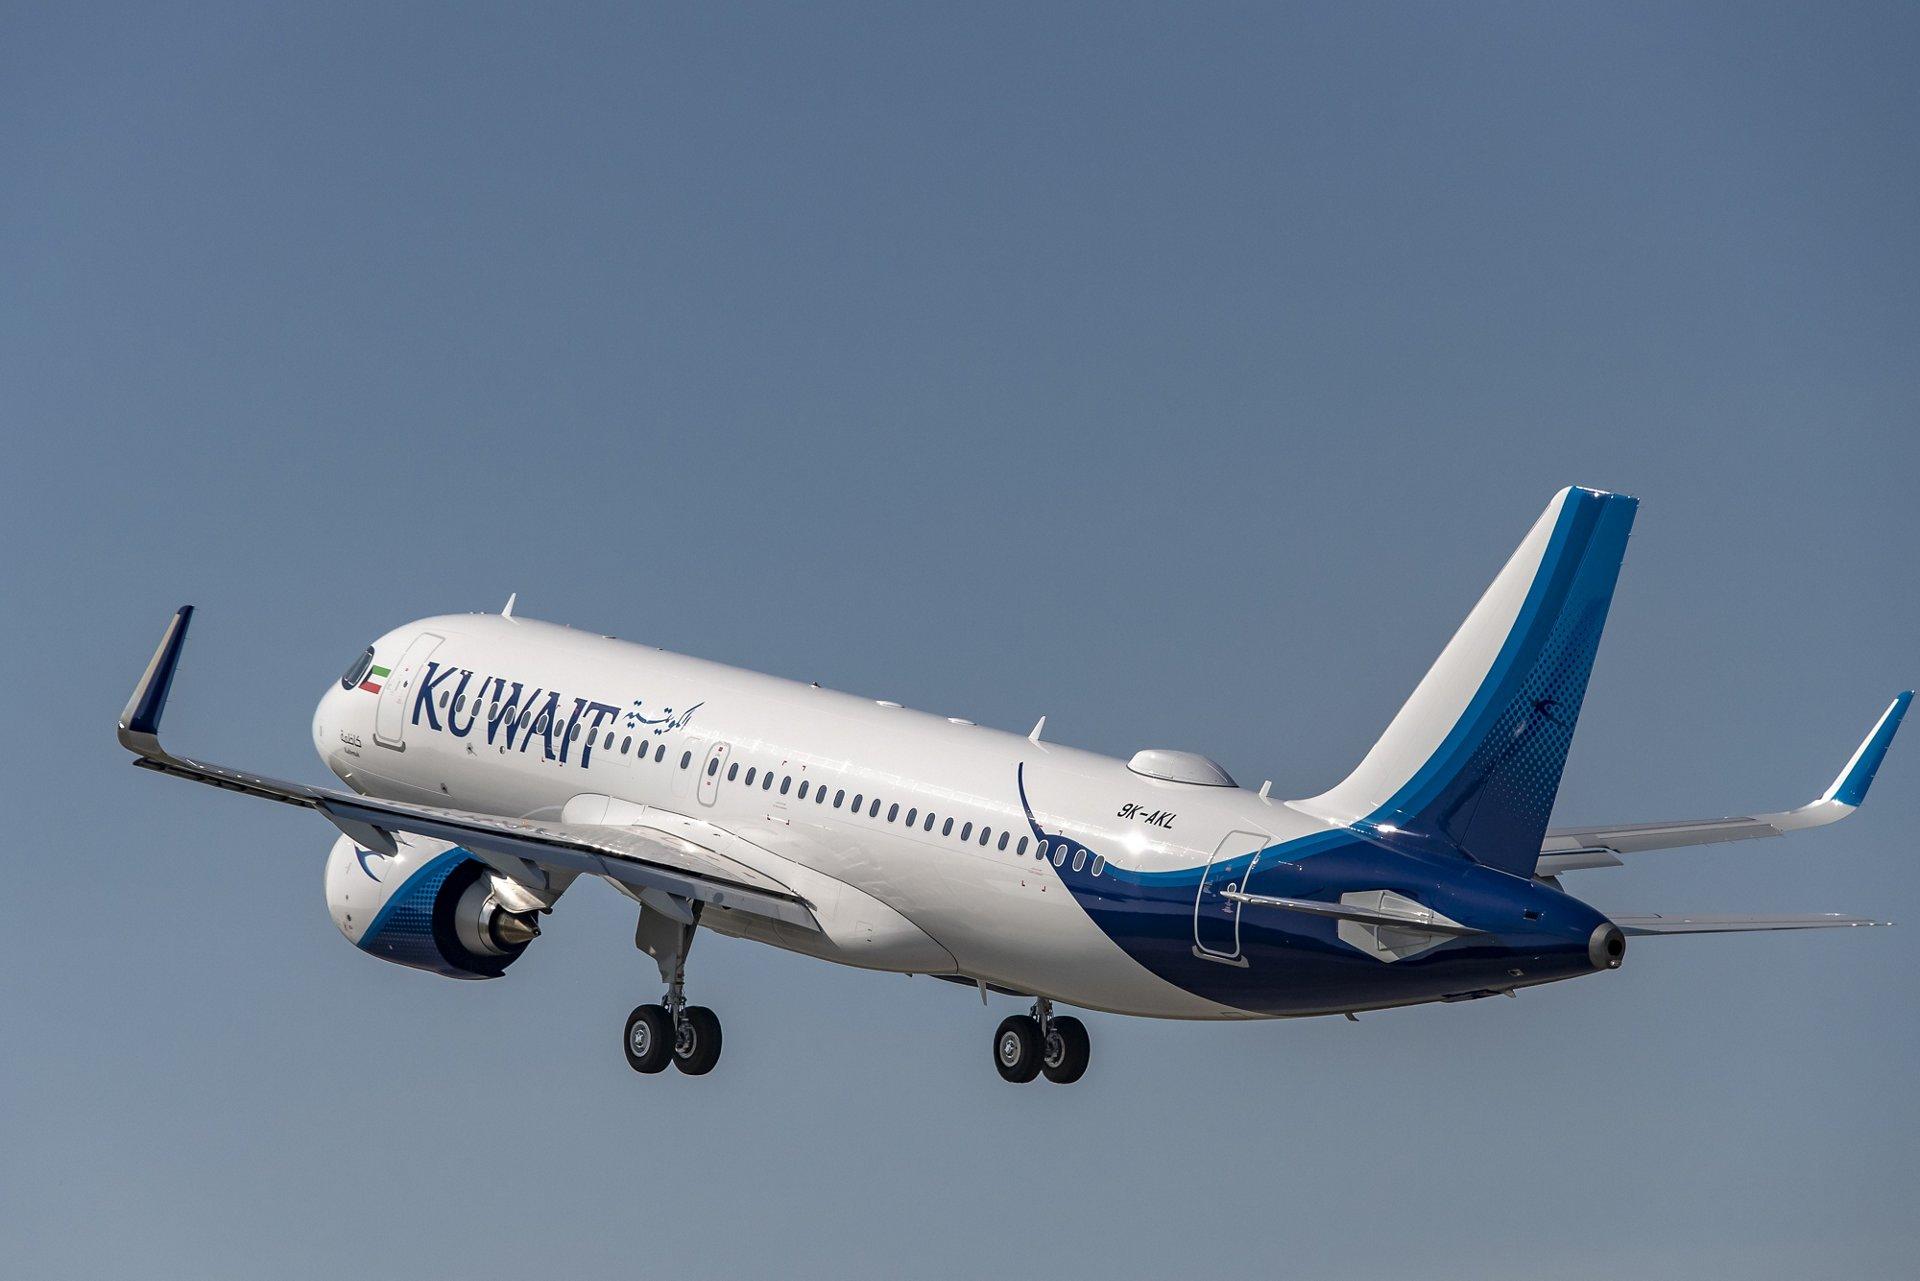 Kuwait Airways recibió el primero de los 15 aviones A320neo